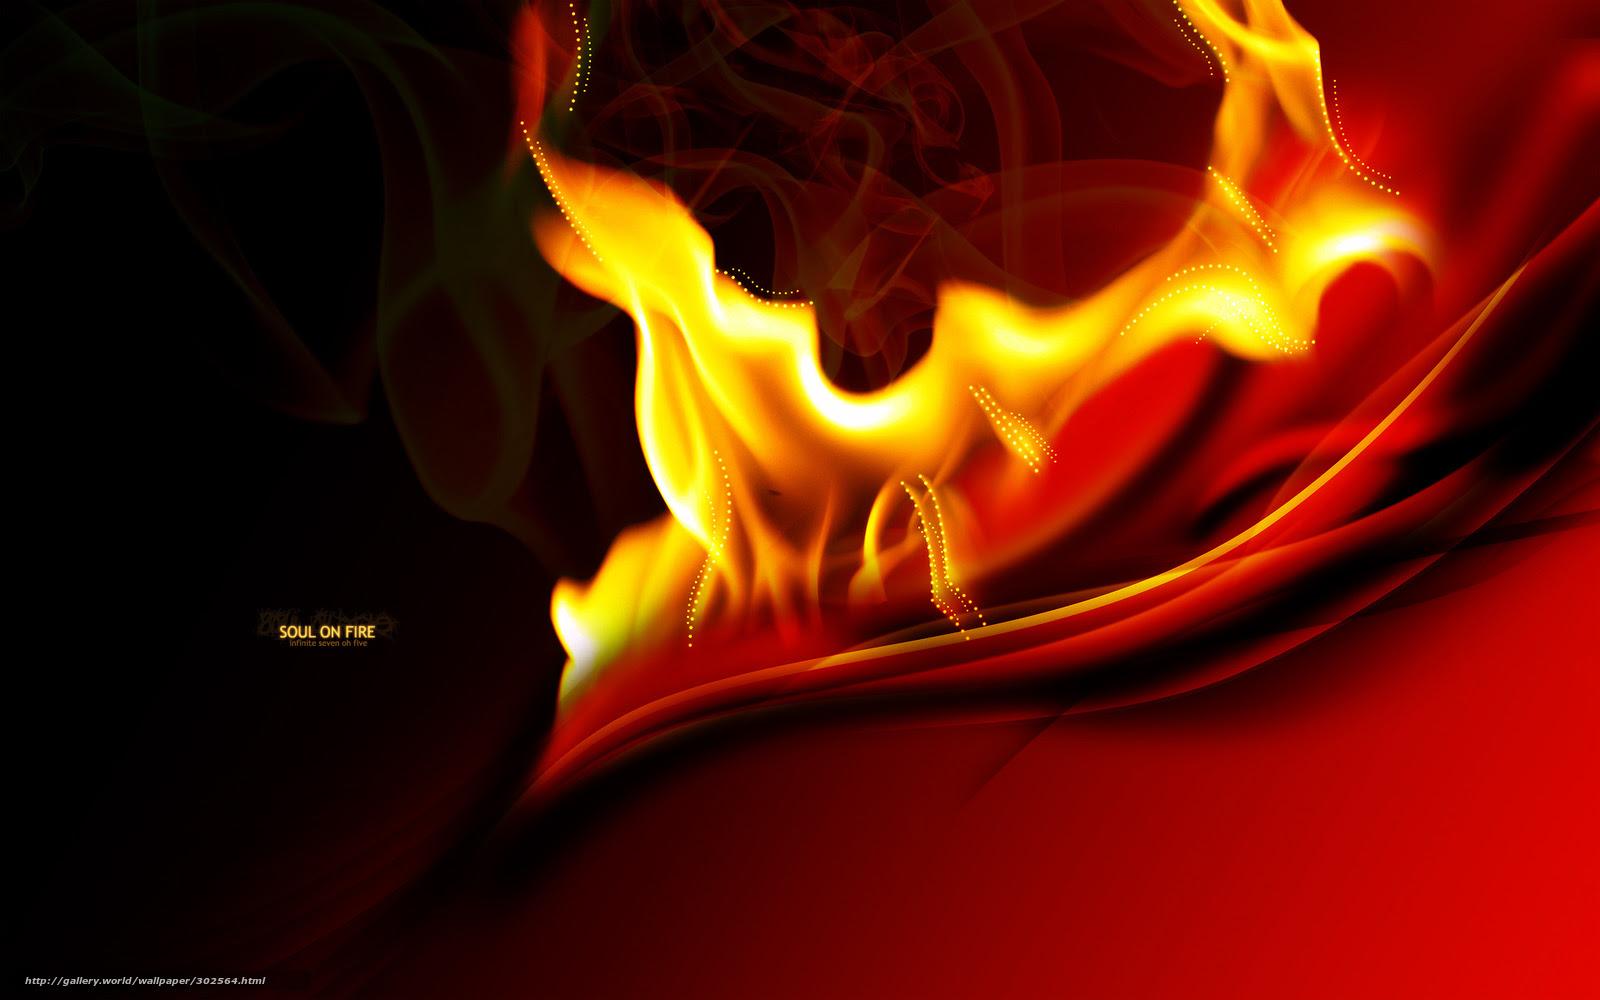 壁紙をダウンロード 火災 笑顔 死 デスクトップの解像度のための無料